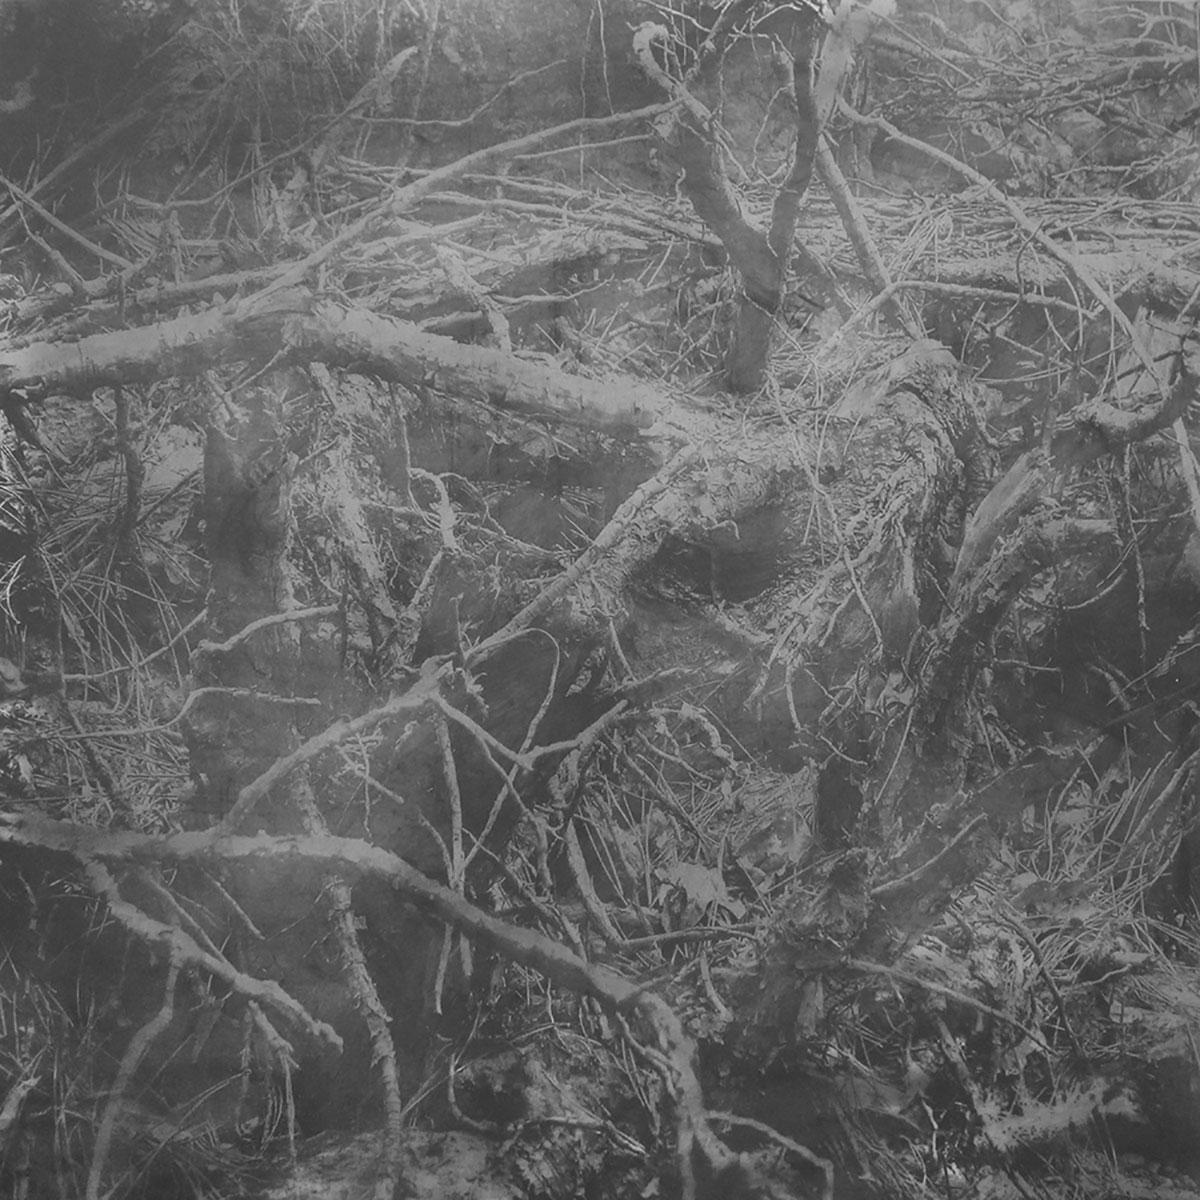 Lee Wagstaff Evil Graphite, 100 x 100 cm,